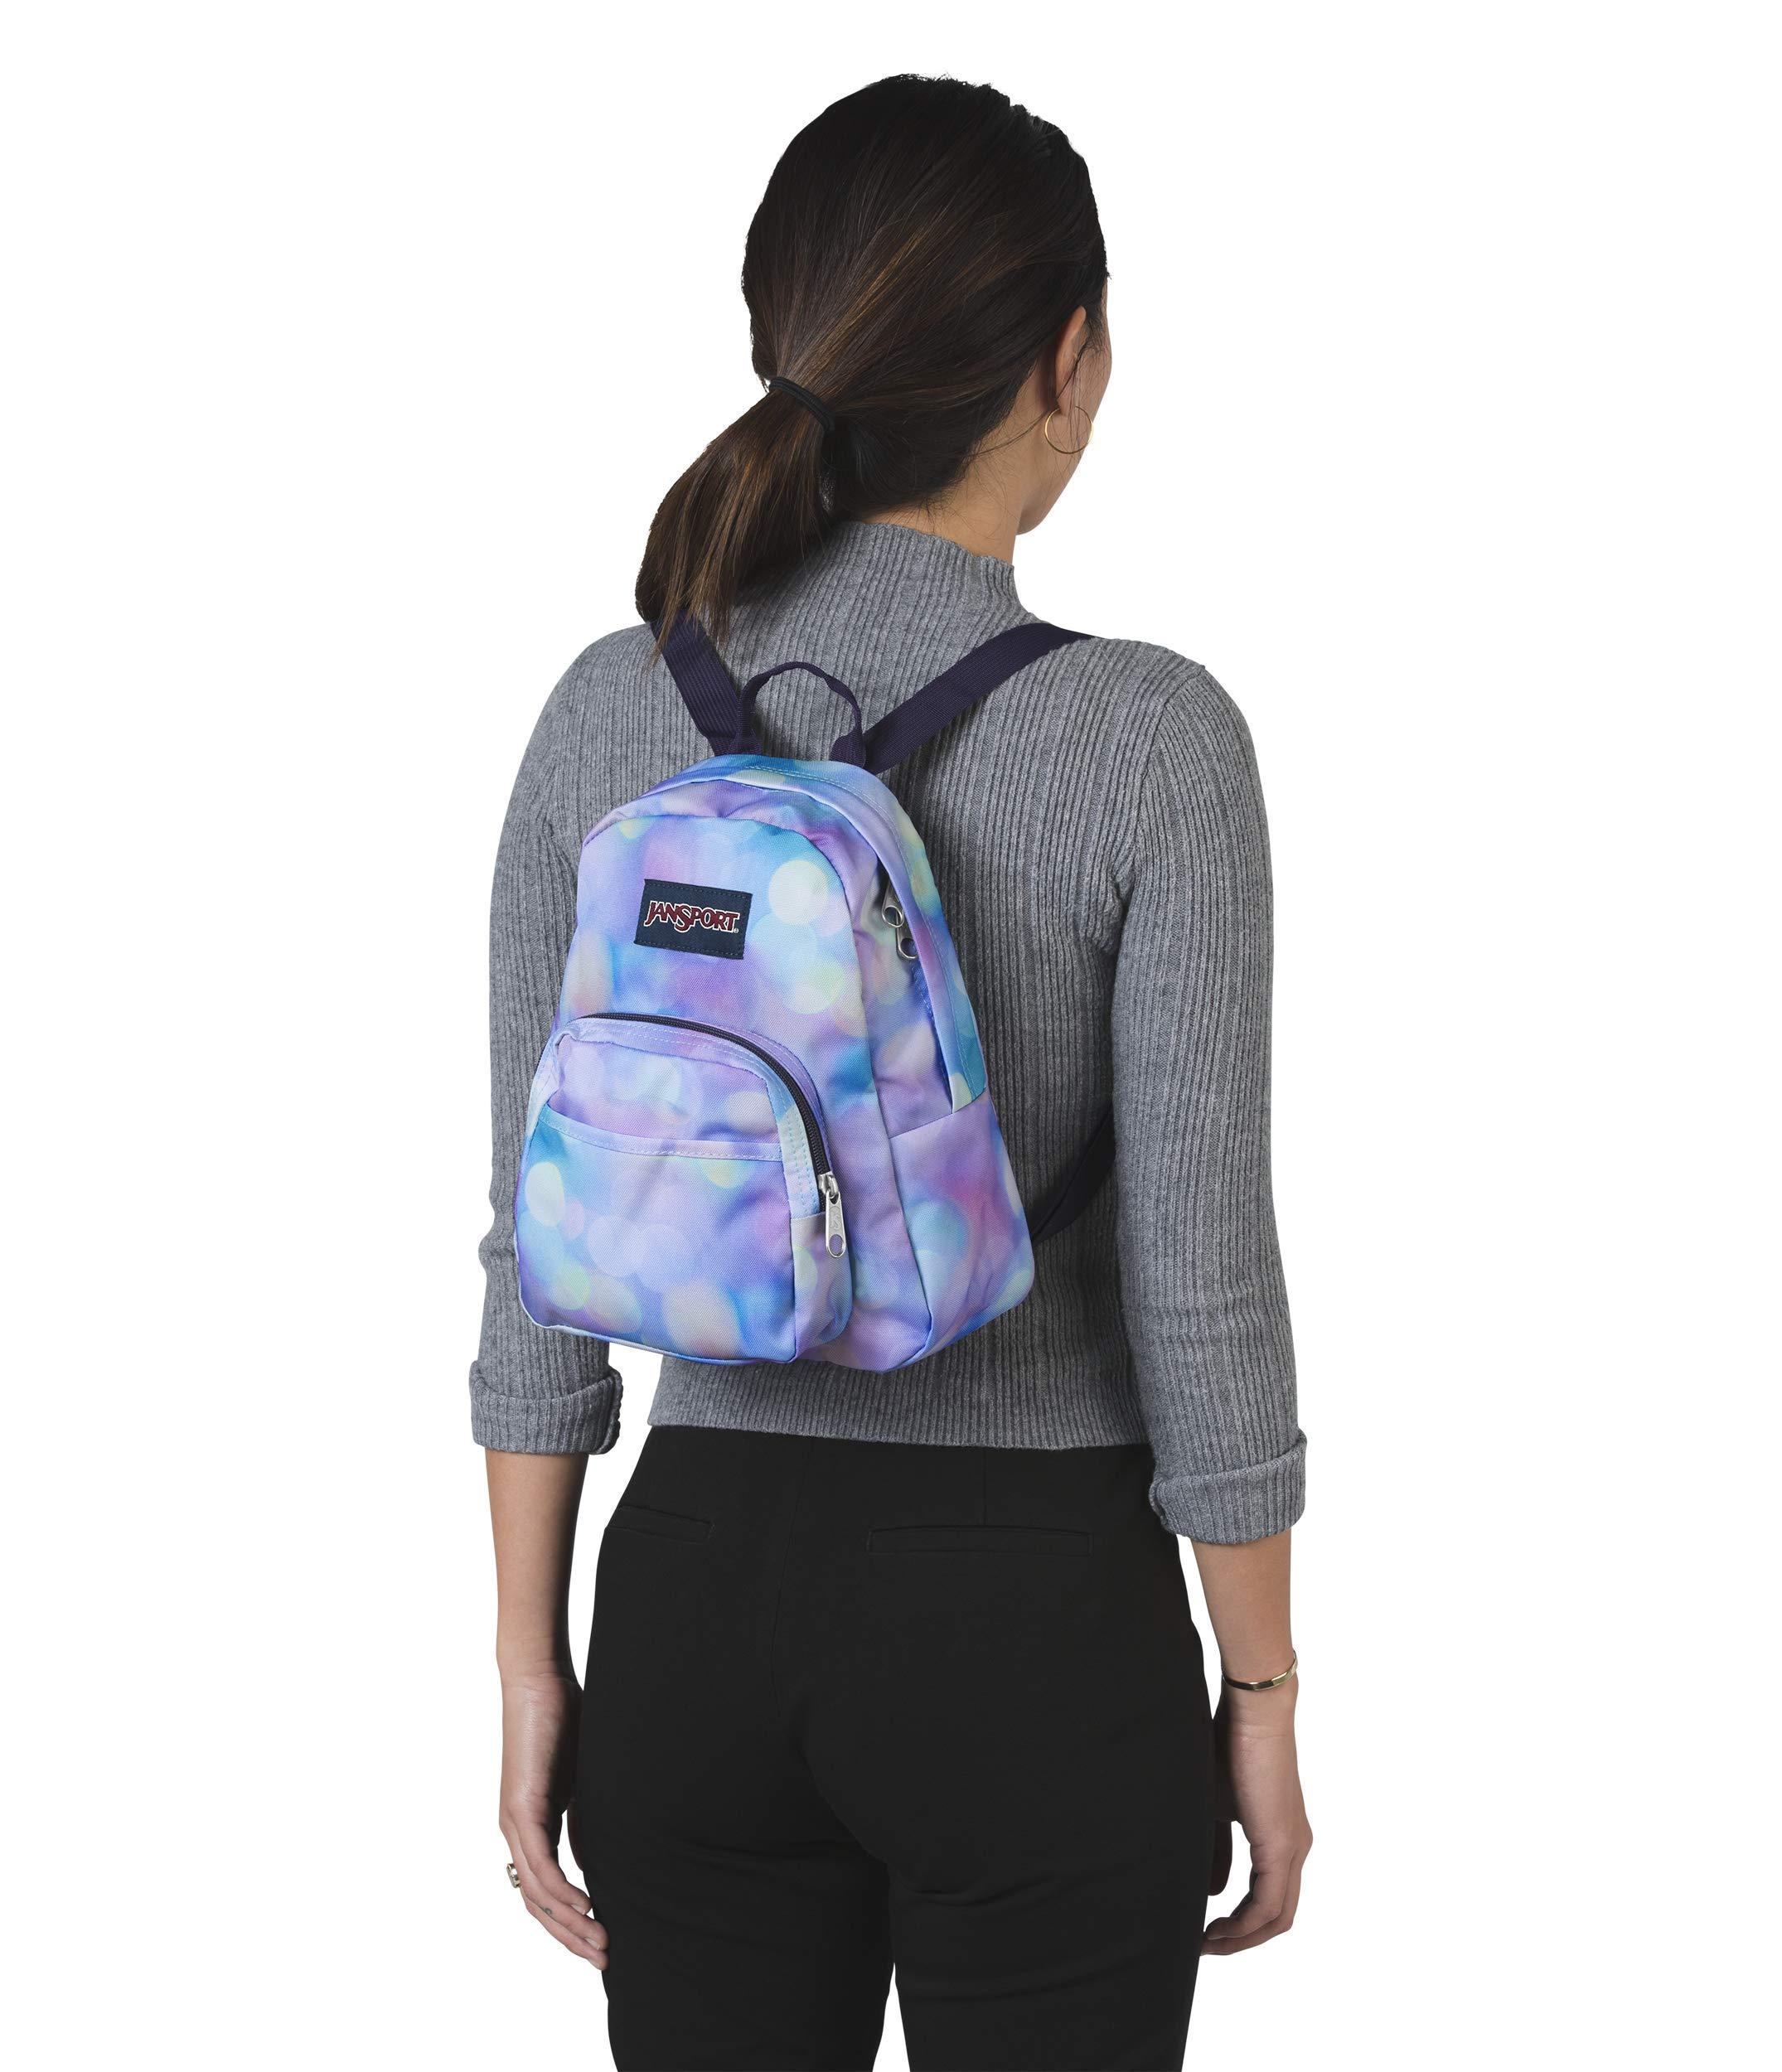 JanSport Half Pint Backpack 4